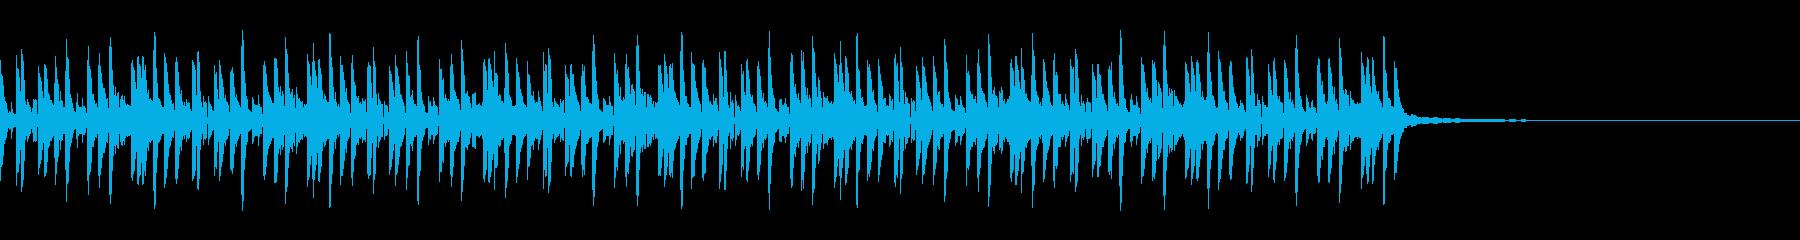 ミドルテンポのドラムシンセビートループの再生済みの波形